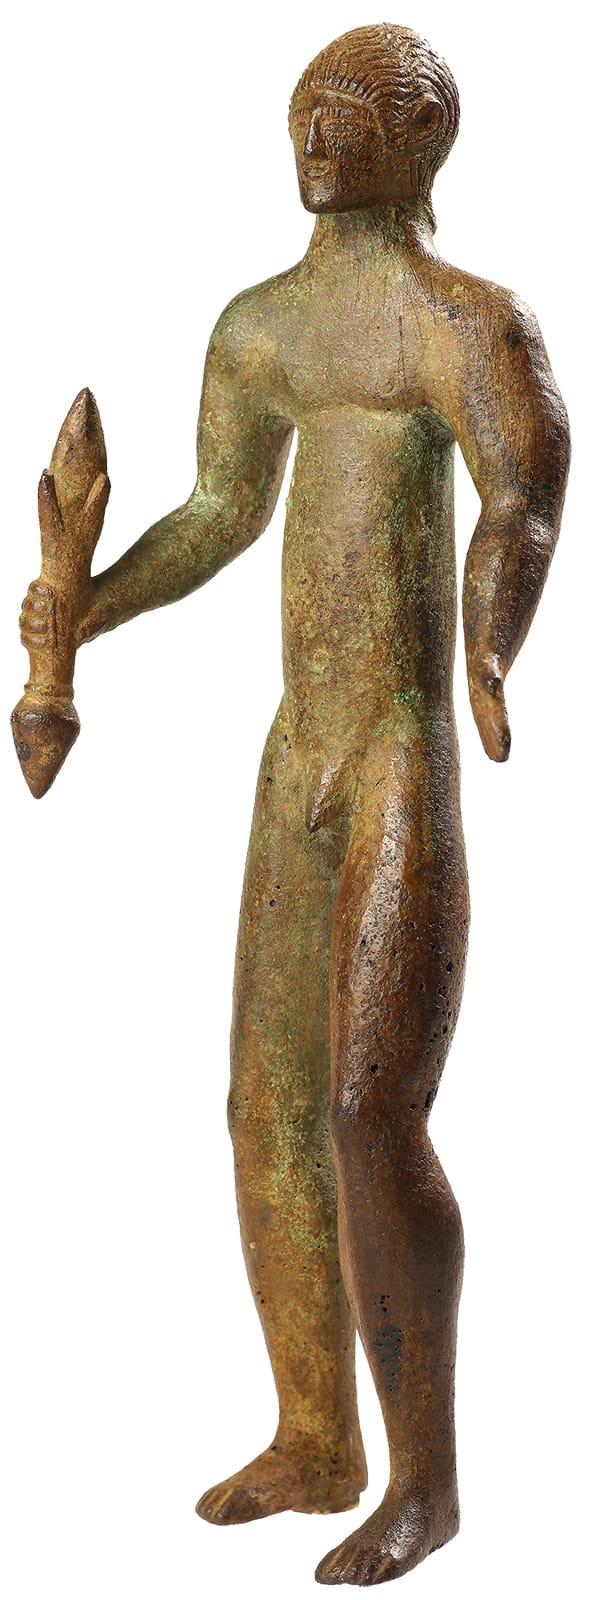 Statuetta in bronzo di Zeus